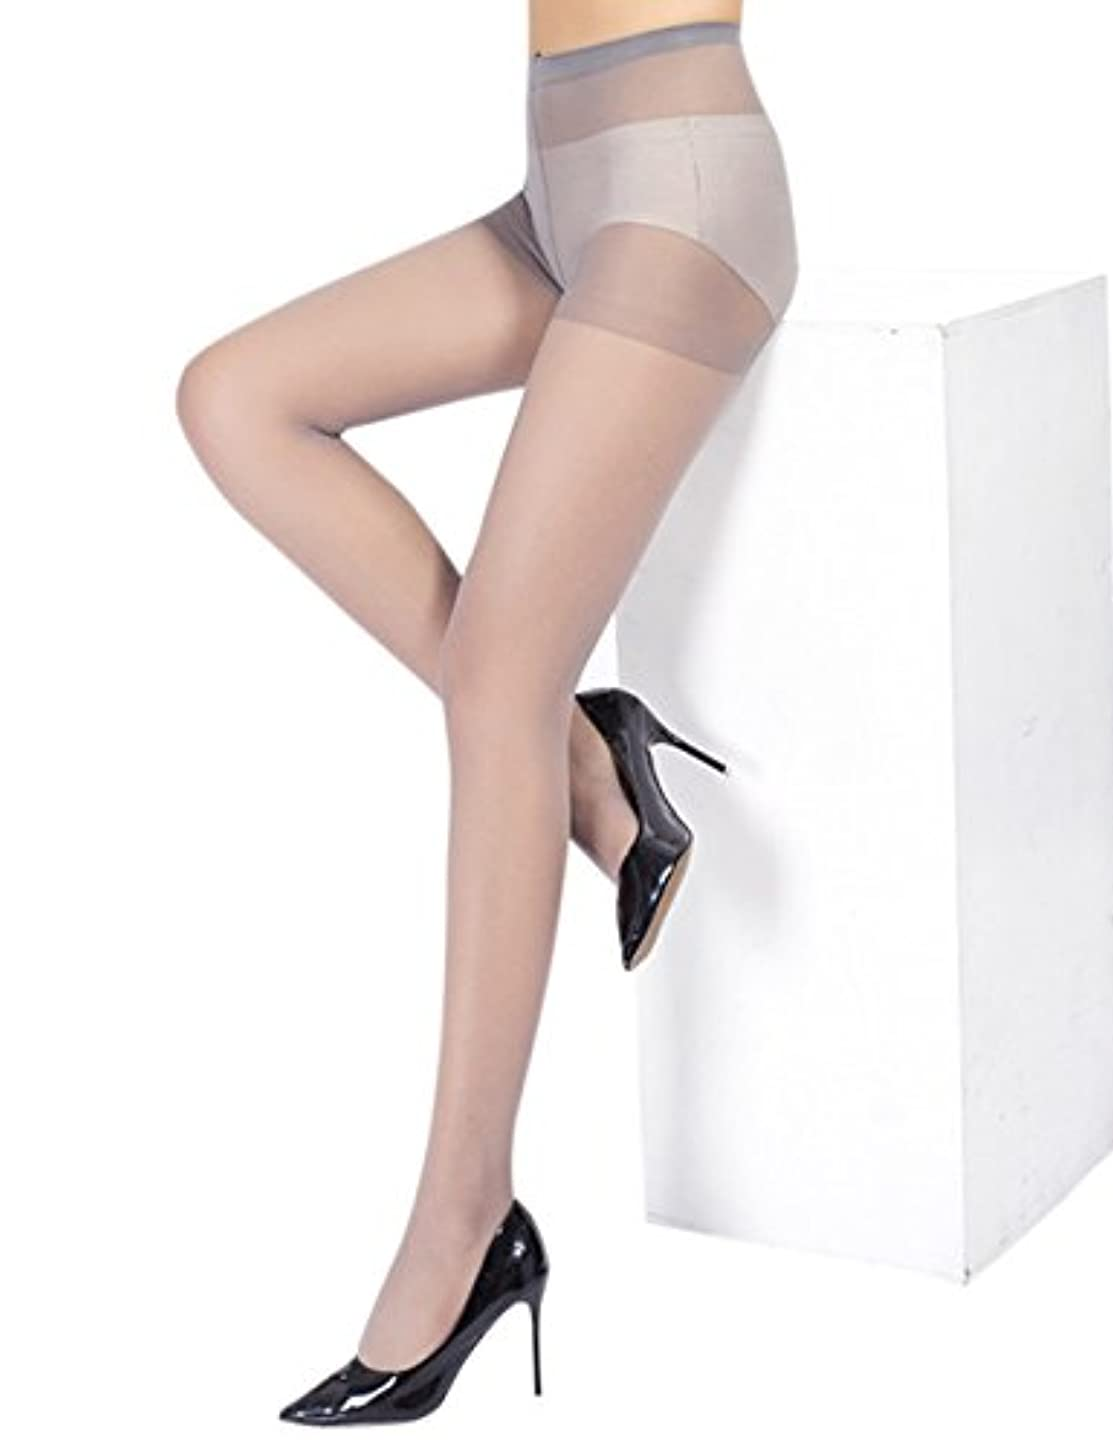 すなわち電圧衰えるLiebeye ストッキング 女性 レディース 夏 超薄型 ソフト シルク シンプル セクシー ソリッドカラー パンティ フリーサイズ